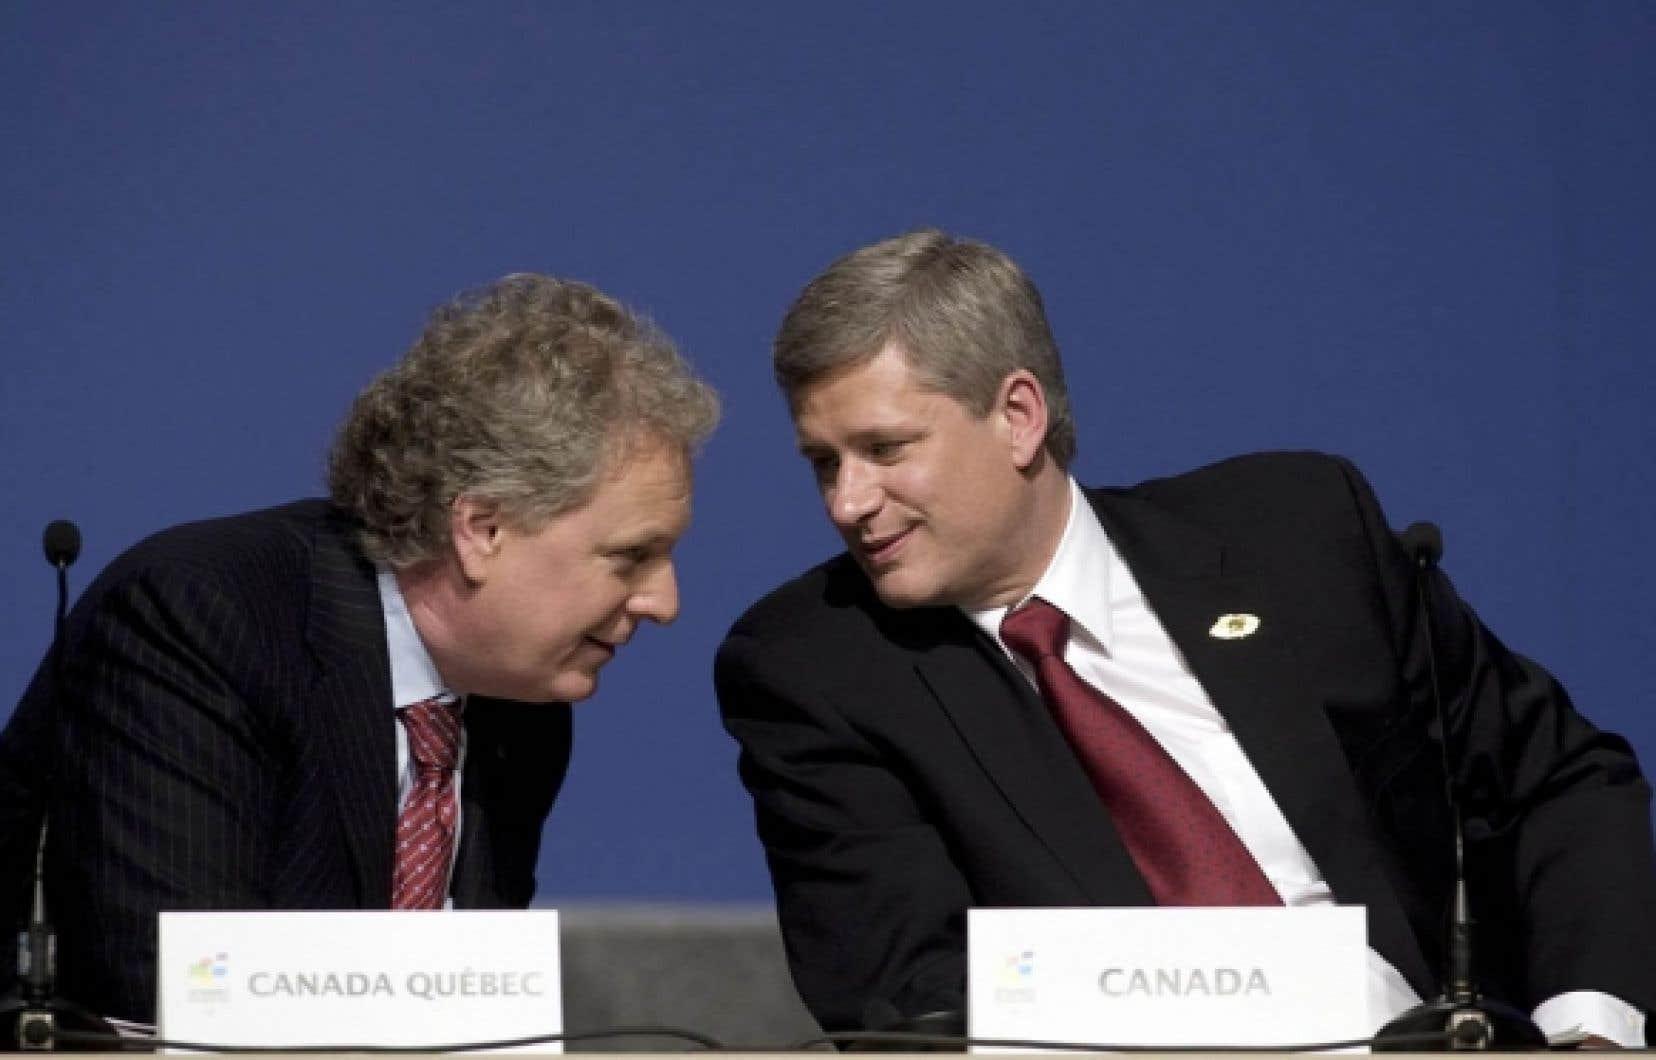 L&rsquo;entente que Jean Charest et Stephen Harper annonceront aujourd&rsquo;hui &agrave; Qu&eacute;bec se sera conclue 15 jours apr&egrave;s la date promise par les conservateurs lors de la derni&egrave;re campagne &eacute;lectorale. <br />